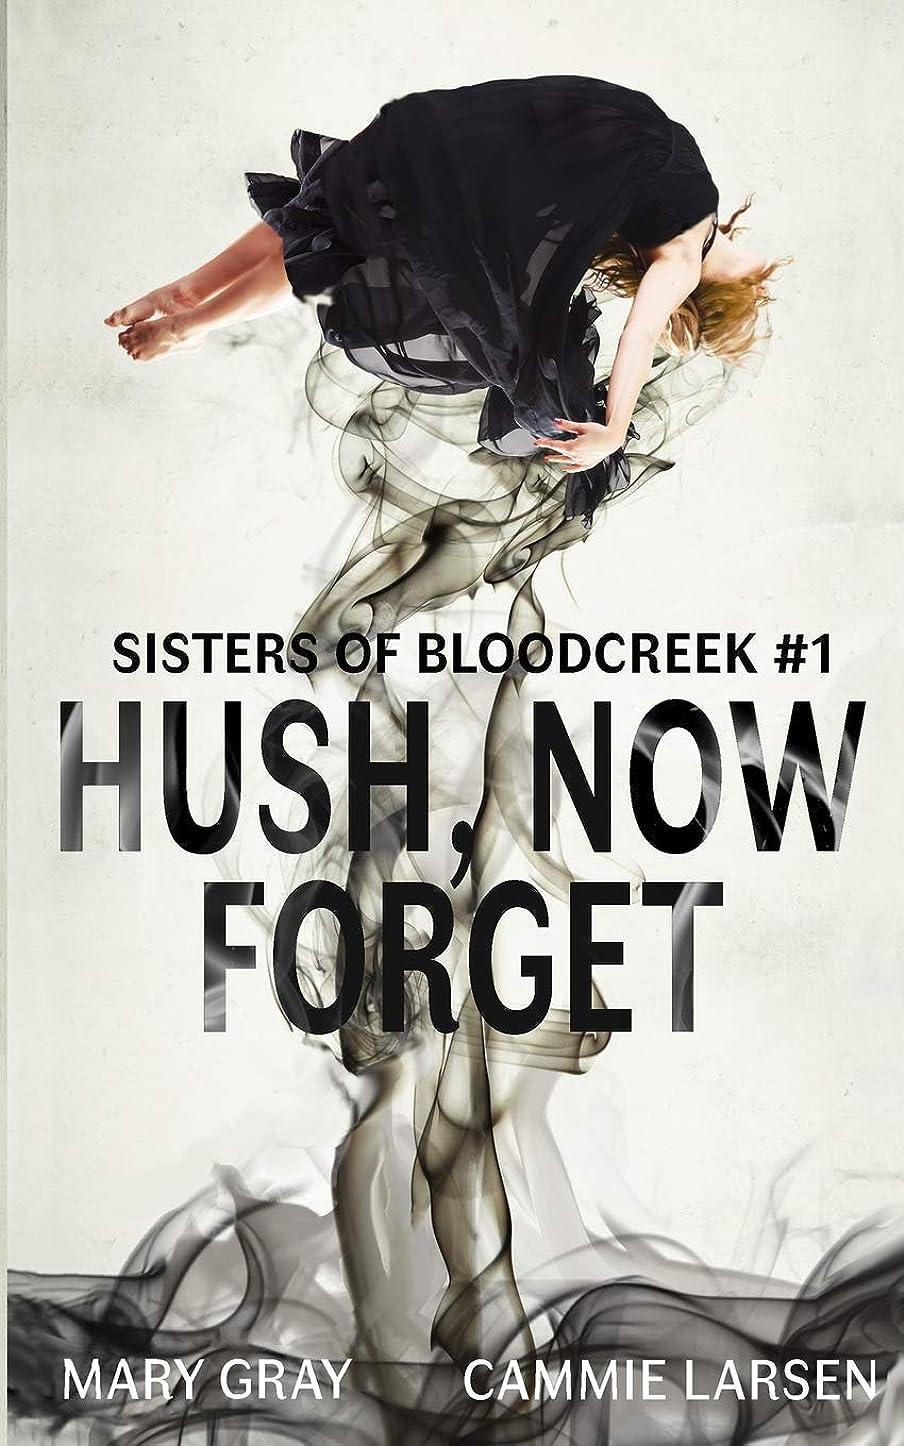 かすれた悲観的裏切るHush, Now Forget (Sisters of Bloodcreek)